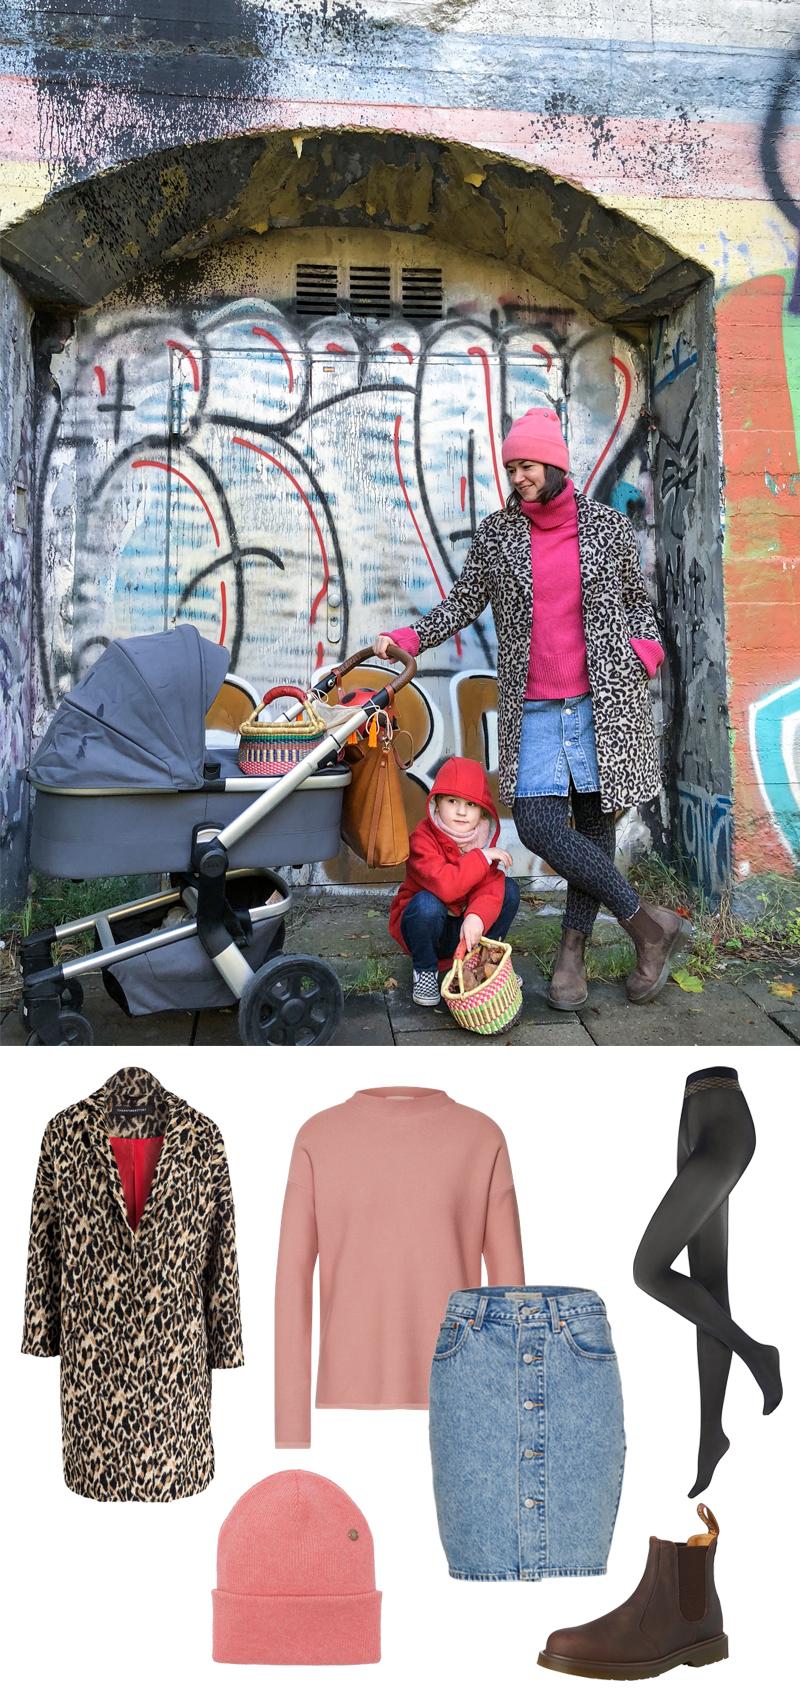 PinkepankStyle - Herbst Outfit mit Kuschelpulli und Leo-Mantel, fair Fashion